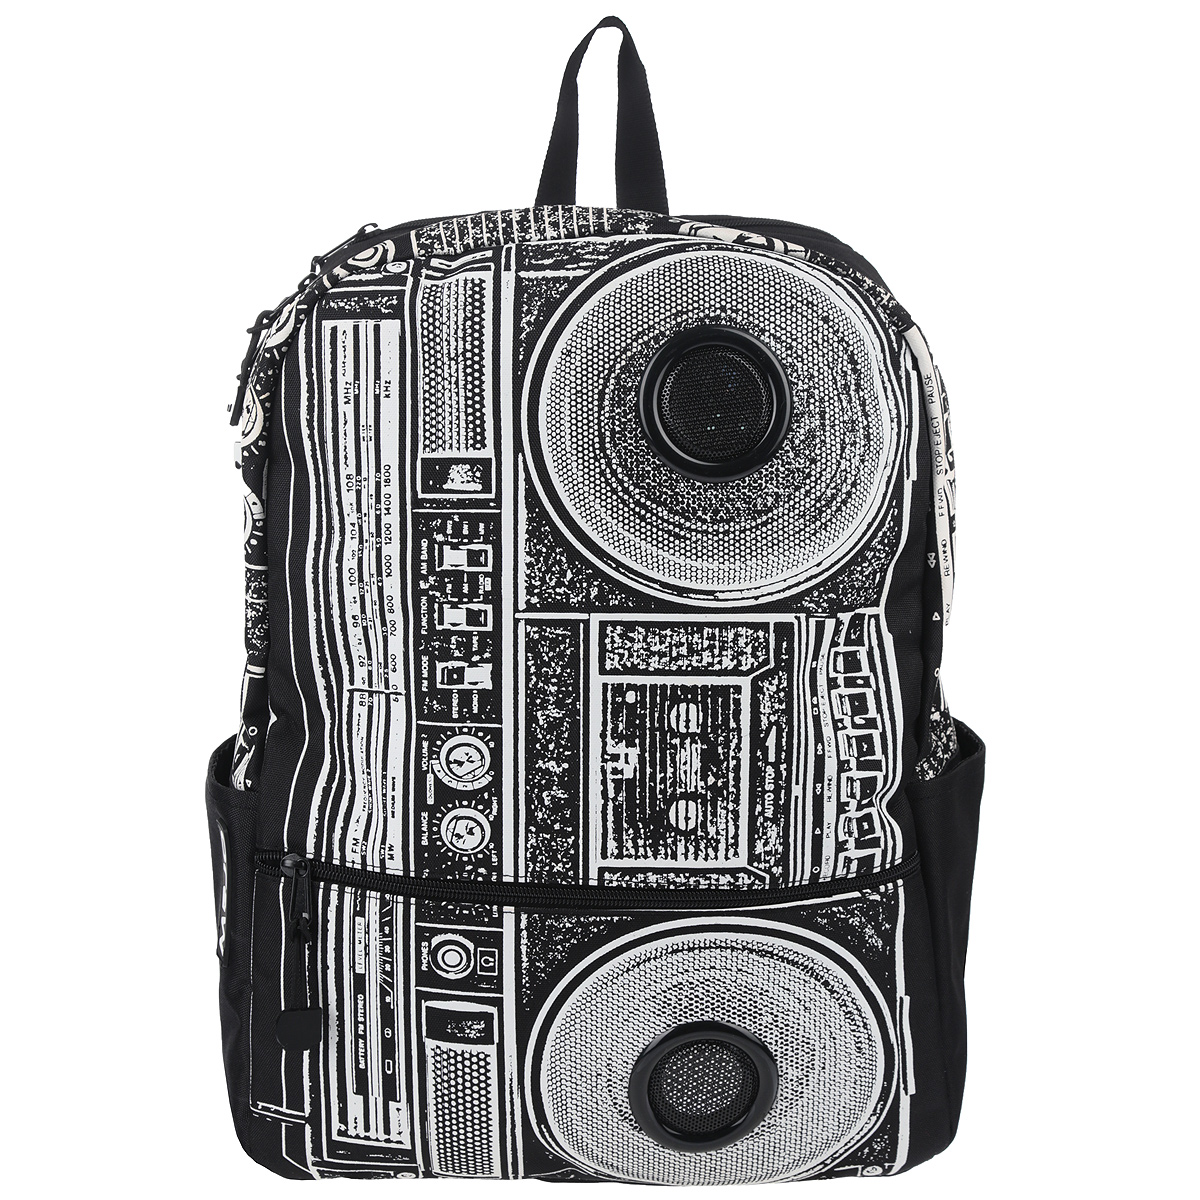 Рюкзак Mojo Pax Boombox, с динамиками, цвет: черный, белый. KZ9983489 mojo pax mojo pax рюкзак люминесцентный heres brucie черный мульти